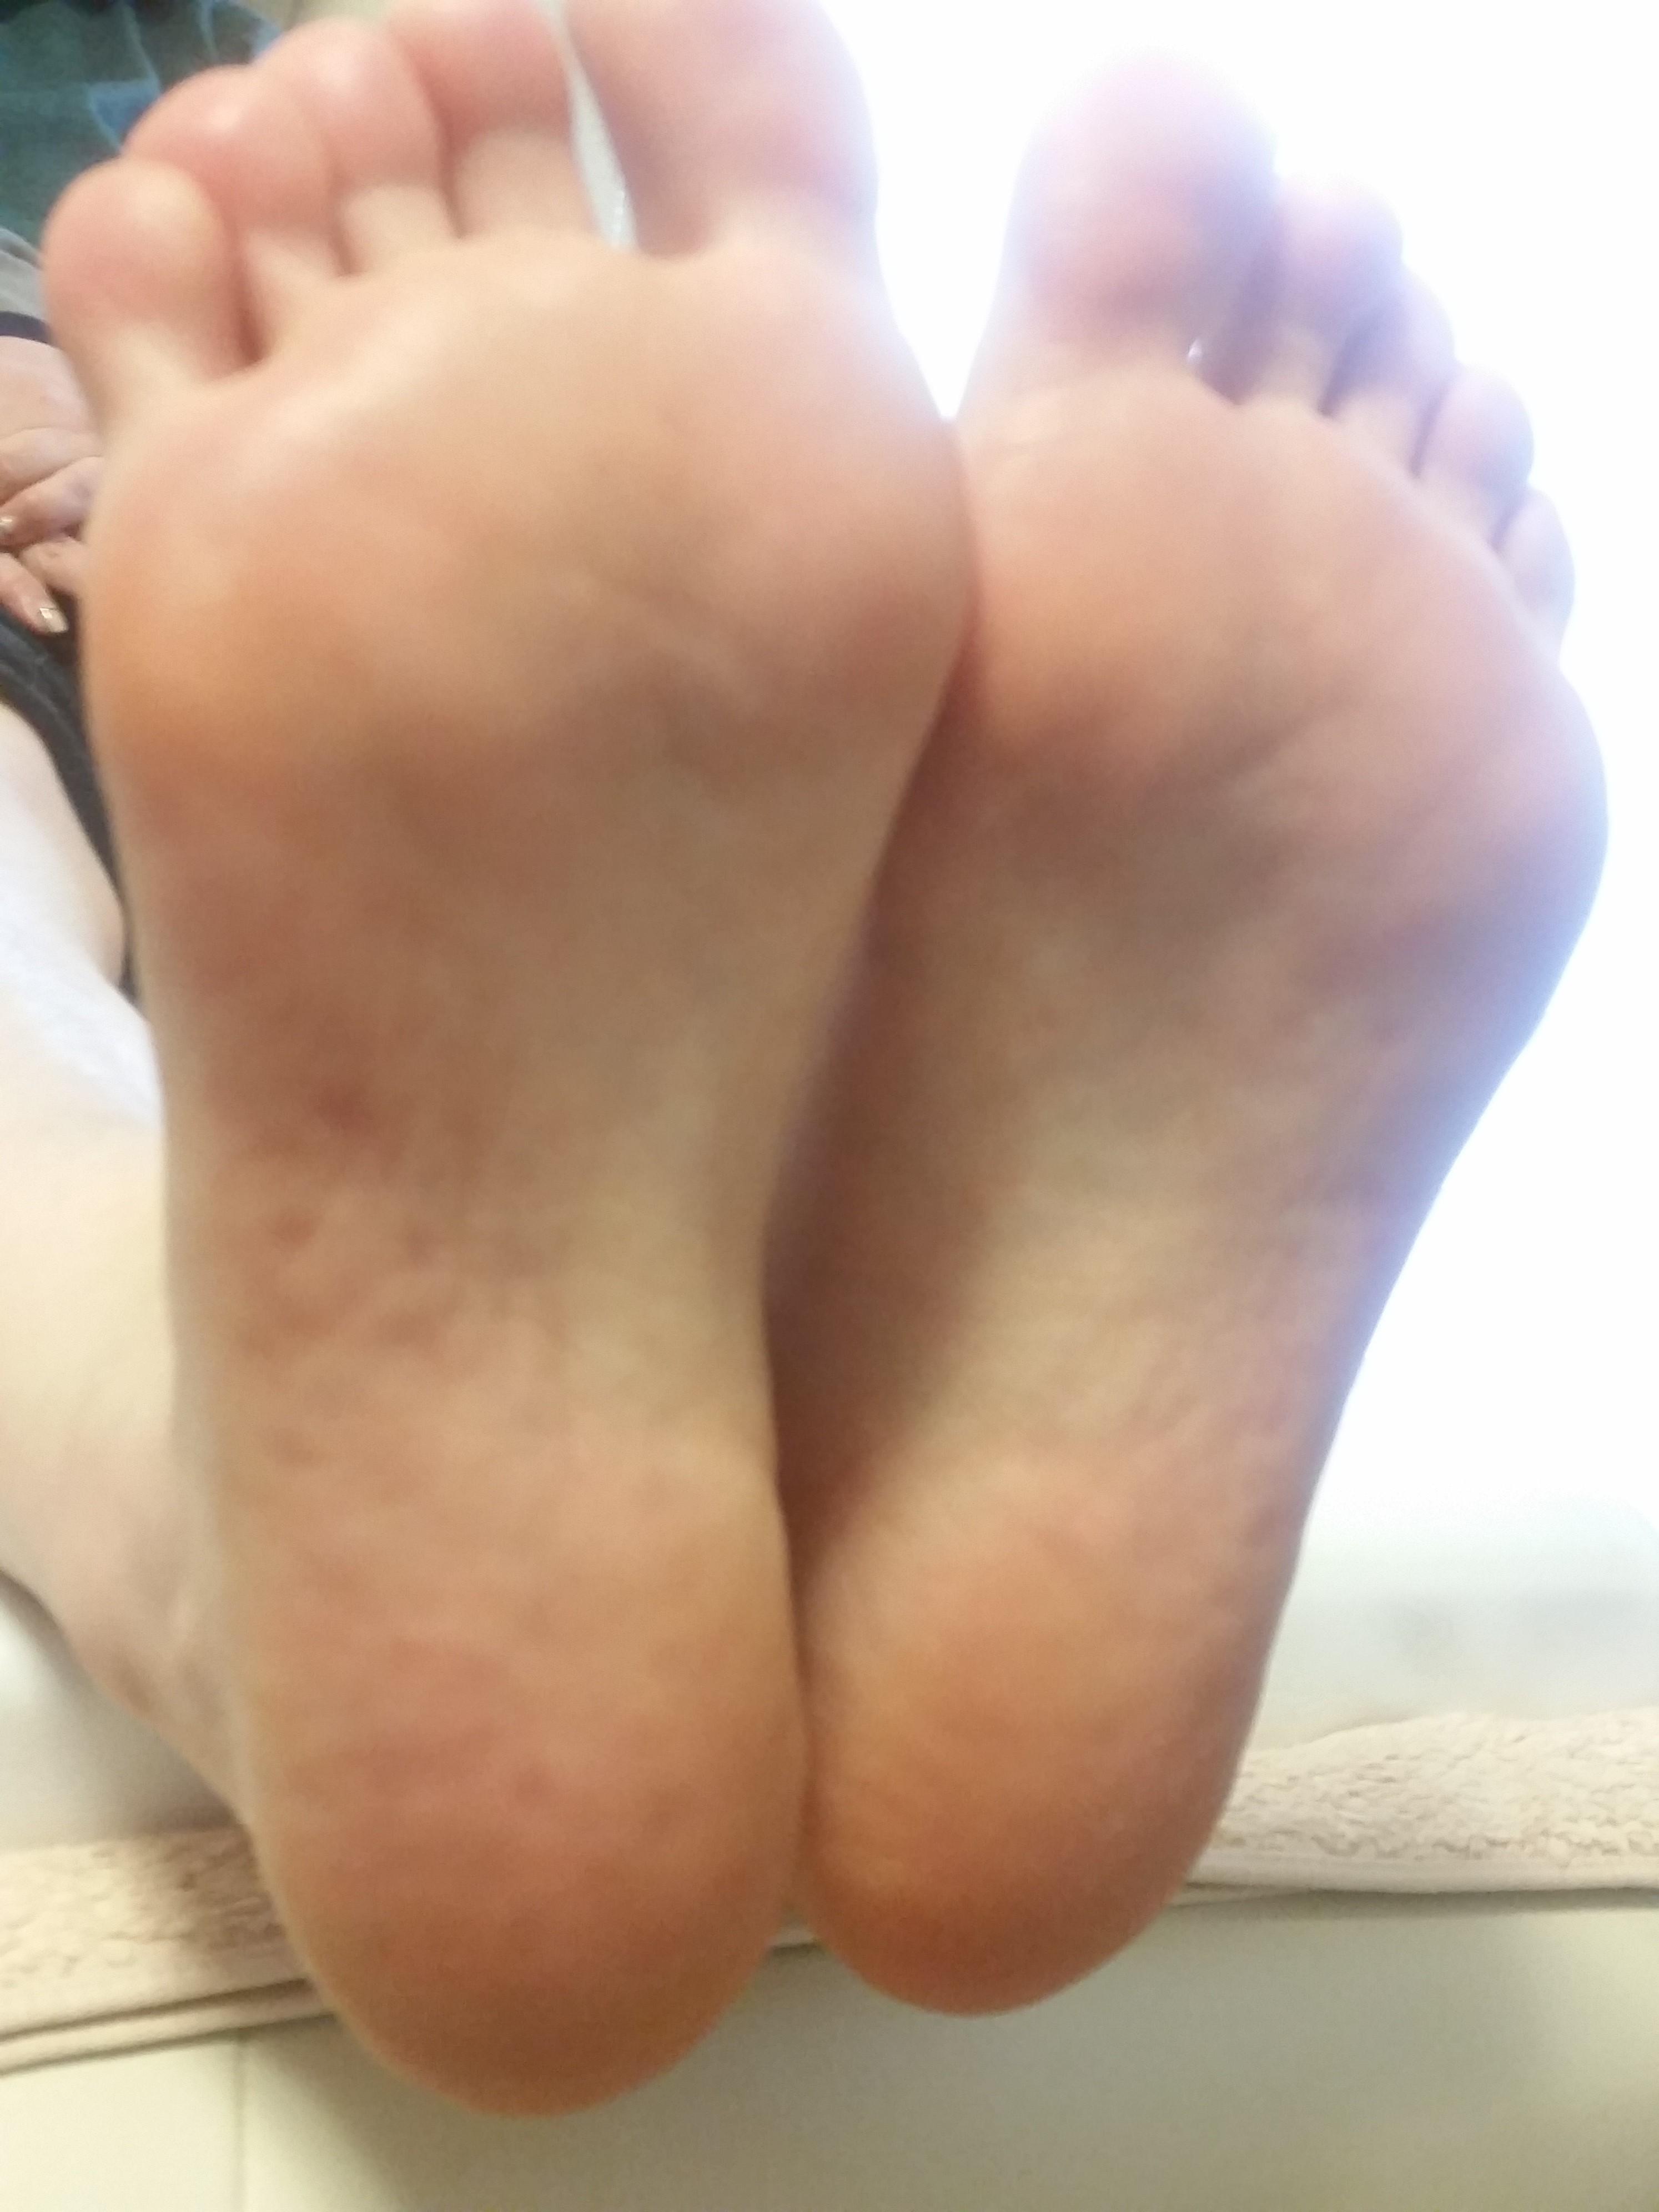 垢 足 の 臭い 爪